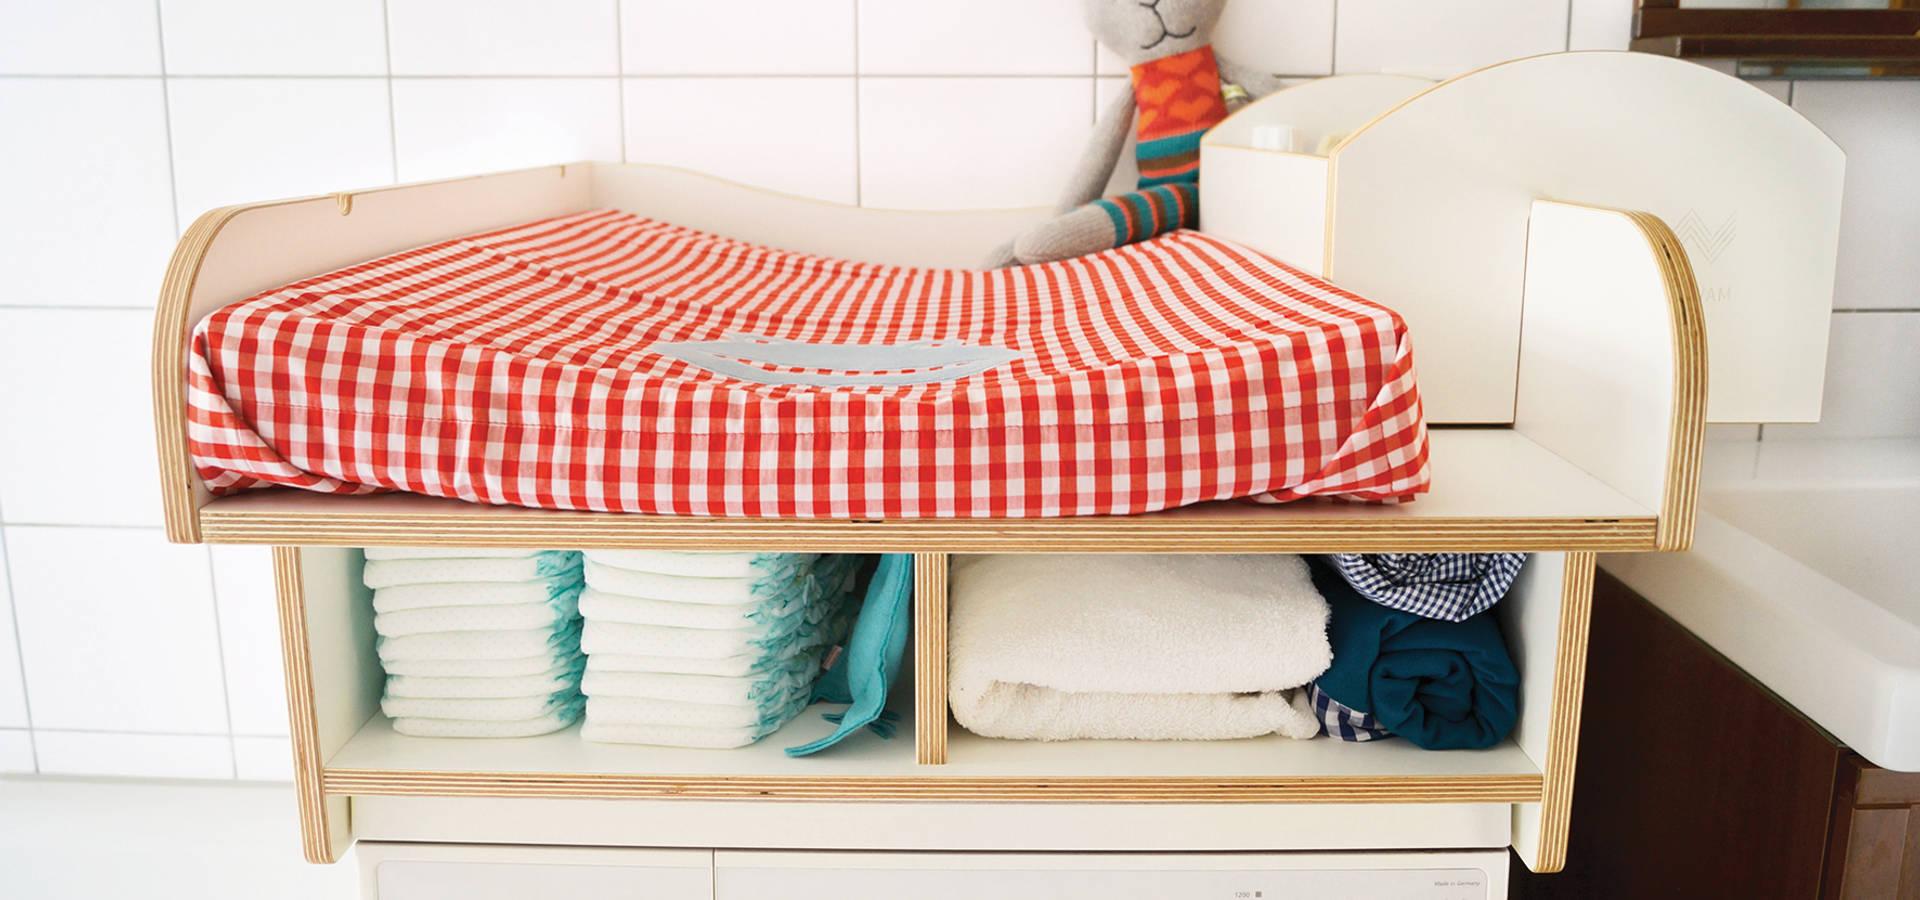 wickwam der wickelaufsatz f r die waschmaschine von wickwam homify. Black Bedroom Furniture Sets. Home Design Ideas